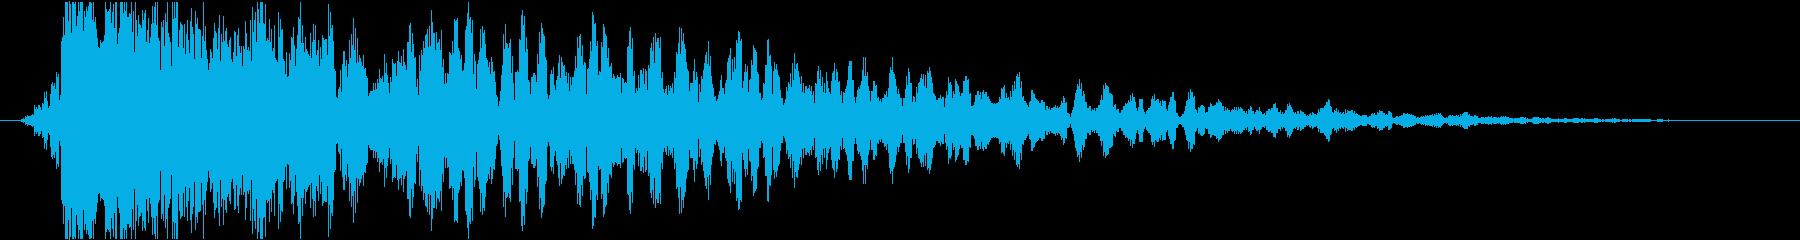 衝撃 爆発11の再生済みの波形